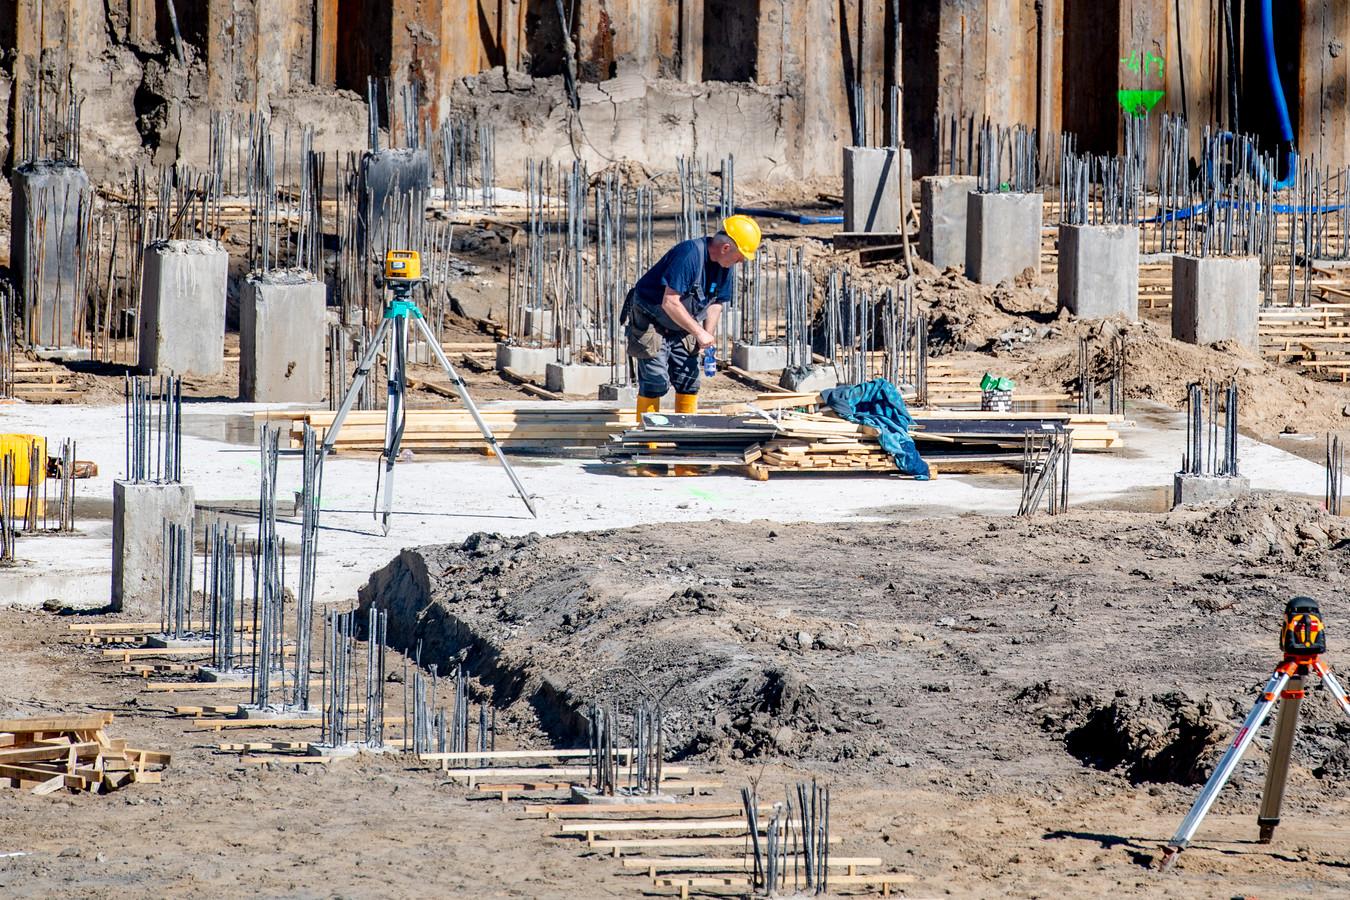 De bouwsector wil de komende jaren 200 miljard euro in nieuwbouw investeren.